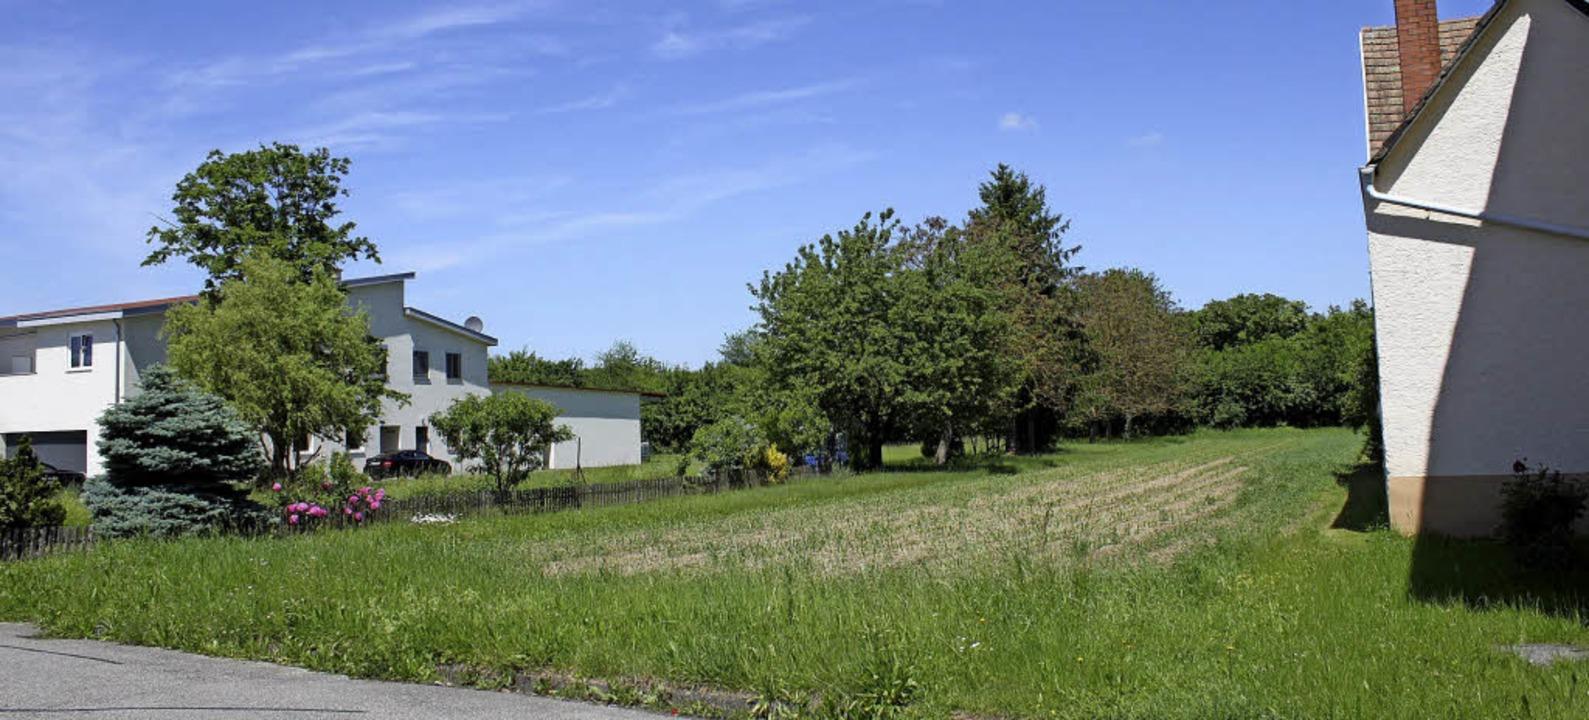 Zwischen diesen beiden Gebäuden in der...bruar ein Bürgerentscheid entscheiden.  | Foto: Adelbert Mutz